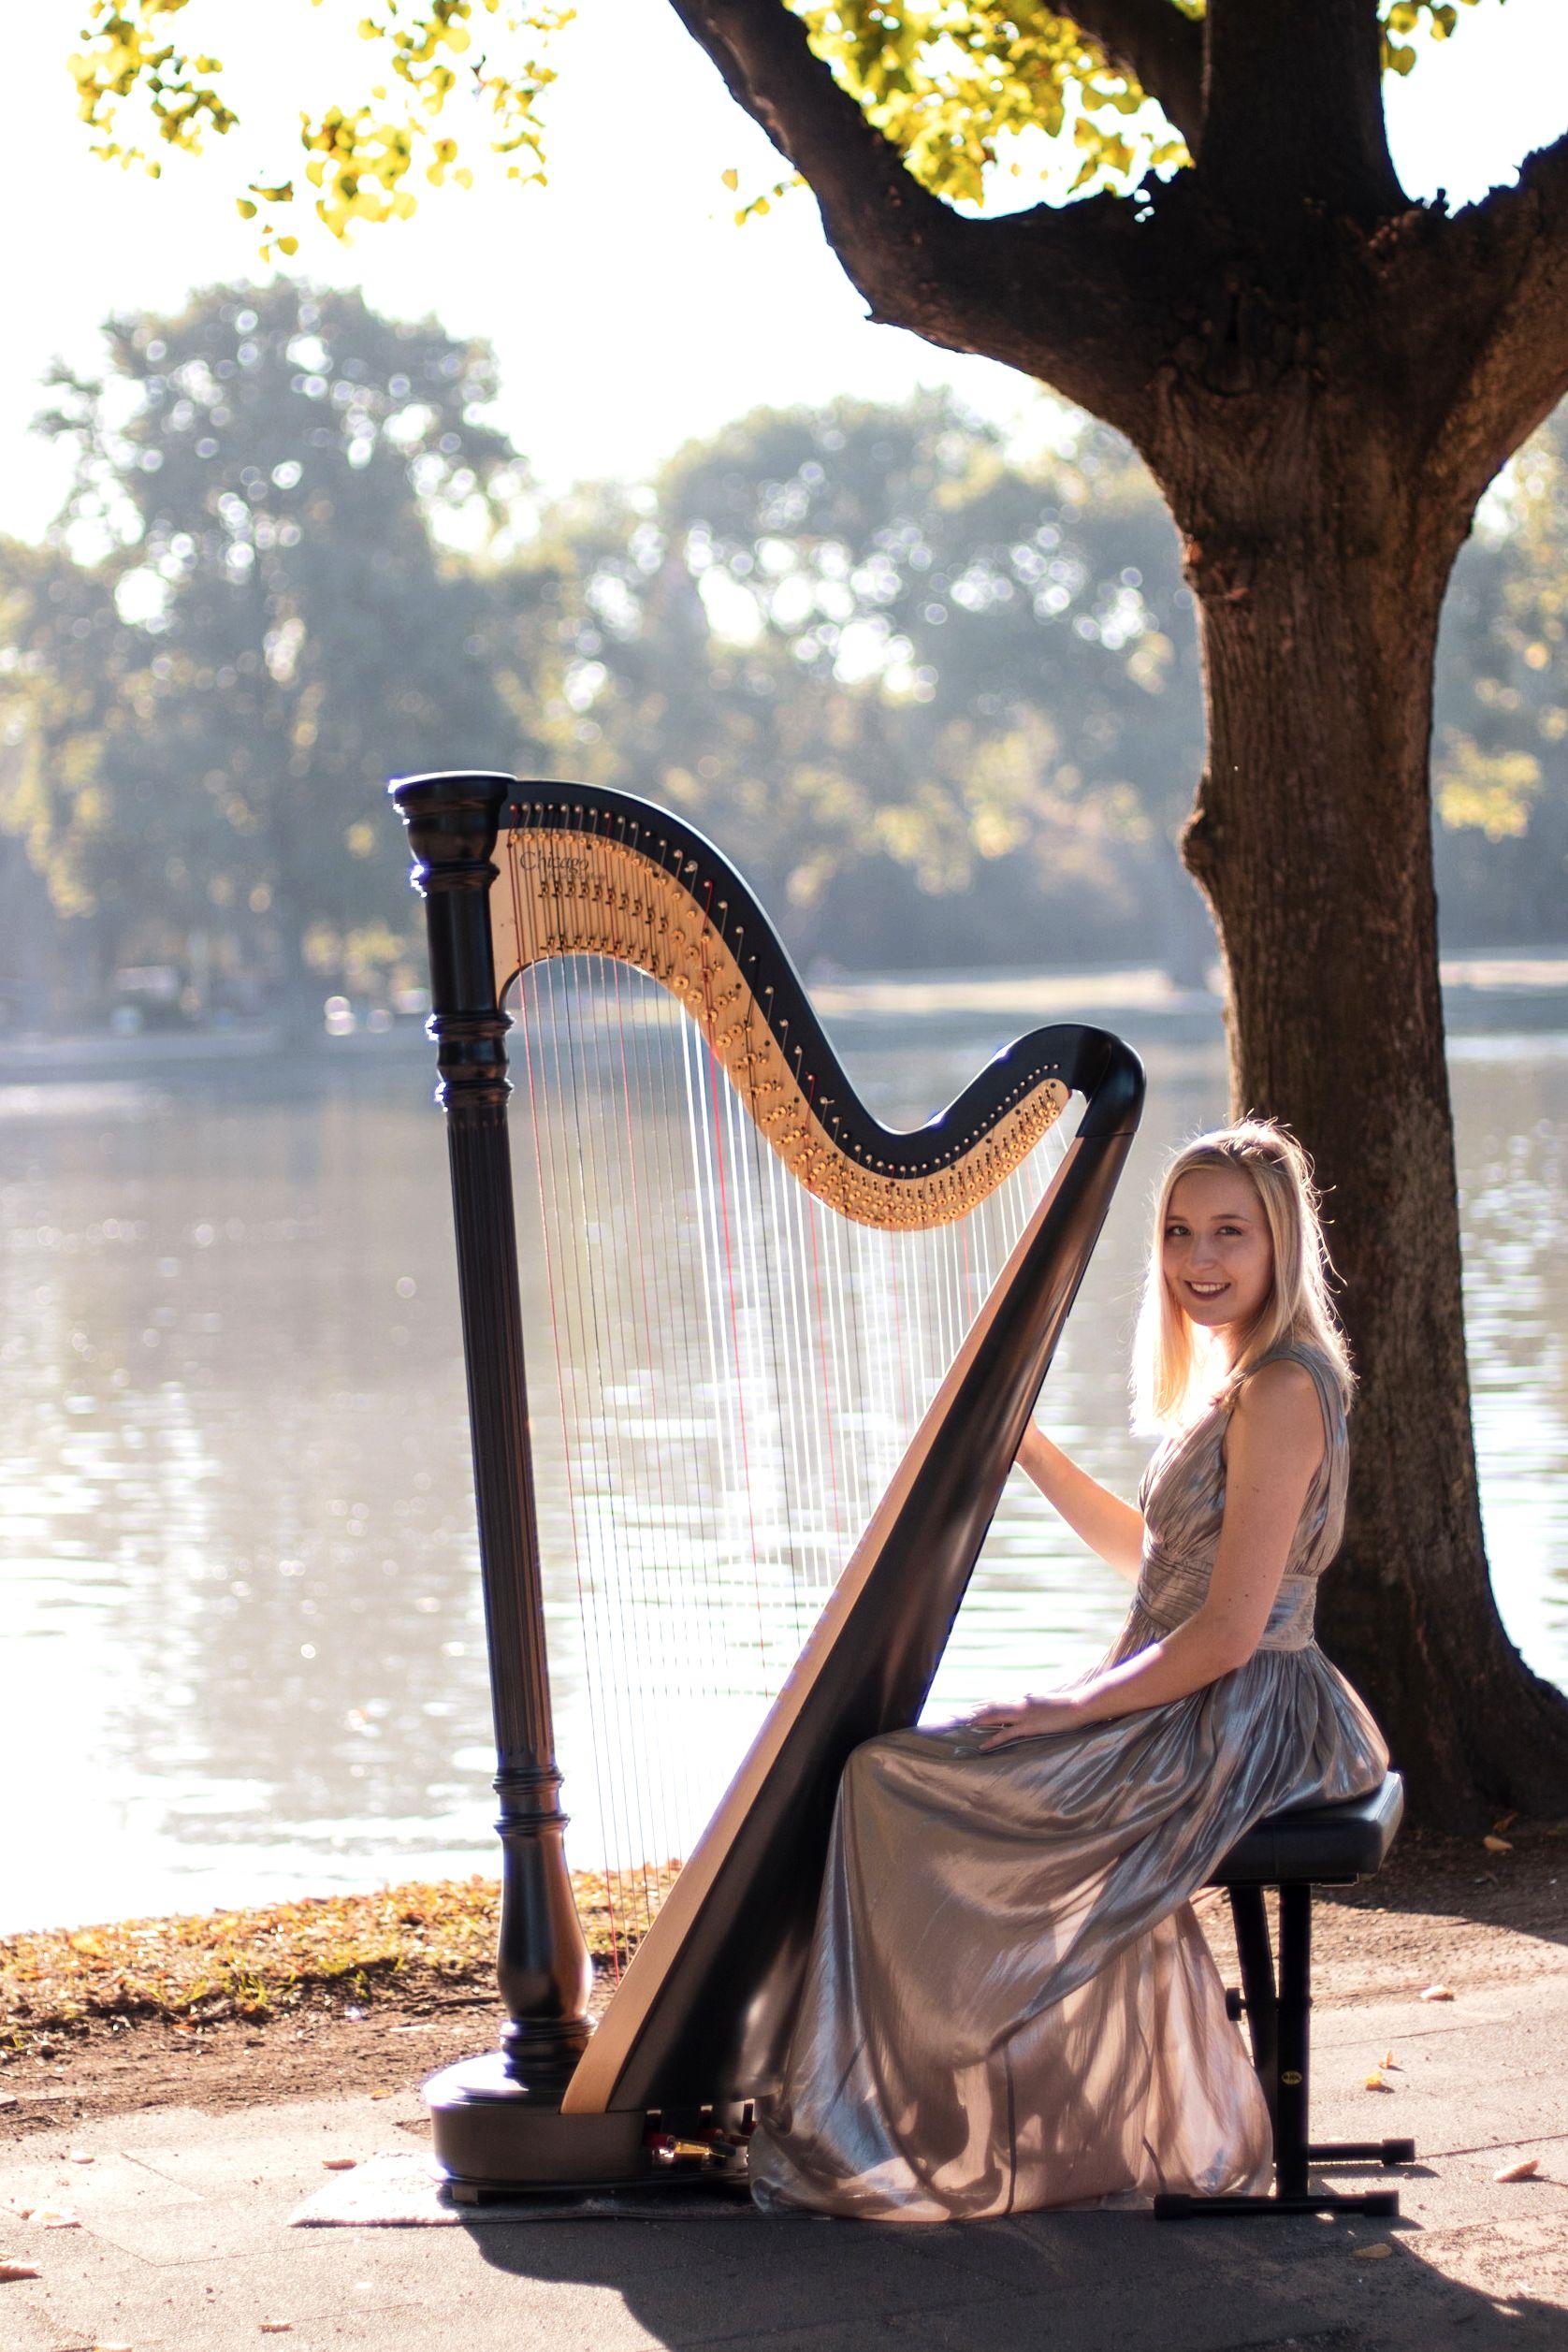 Harfenmelodie